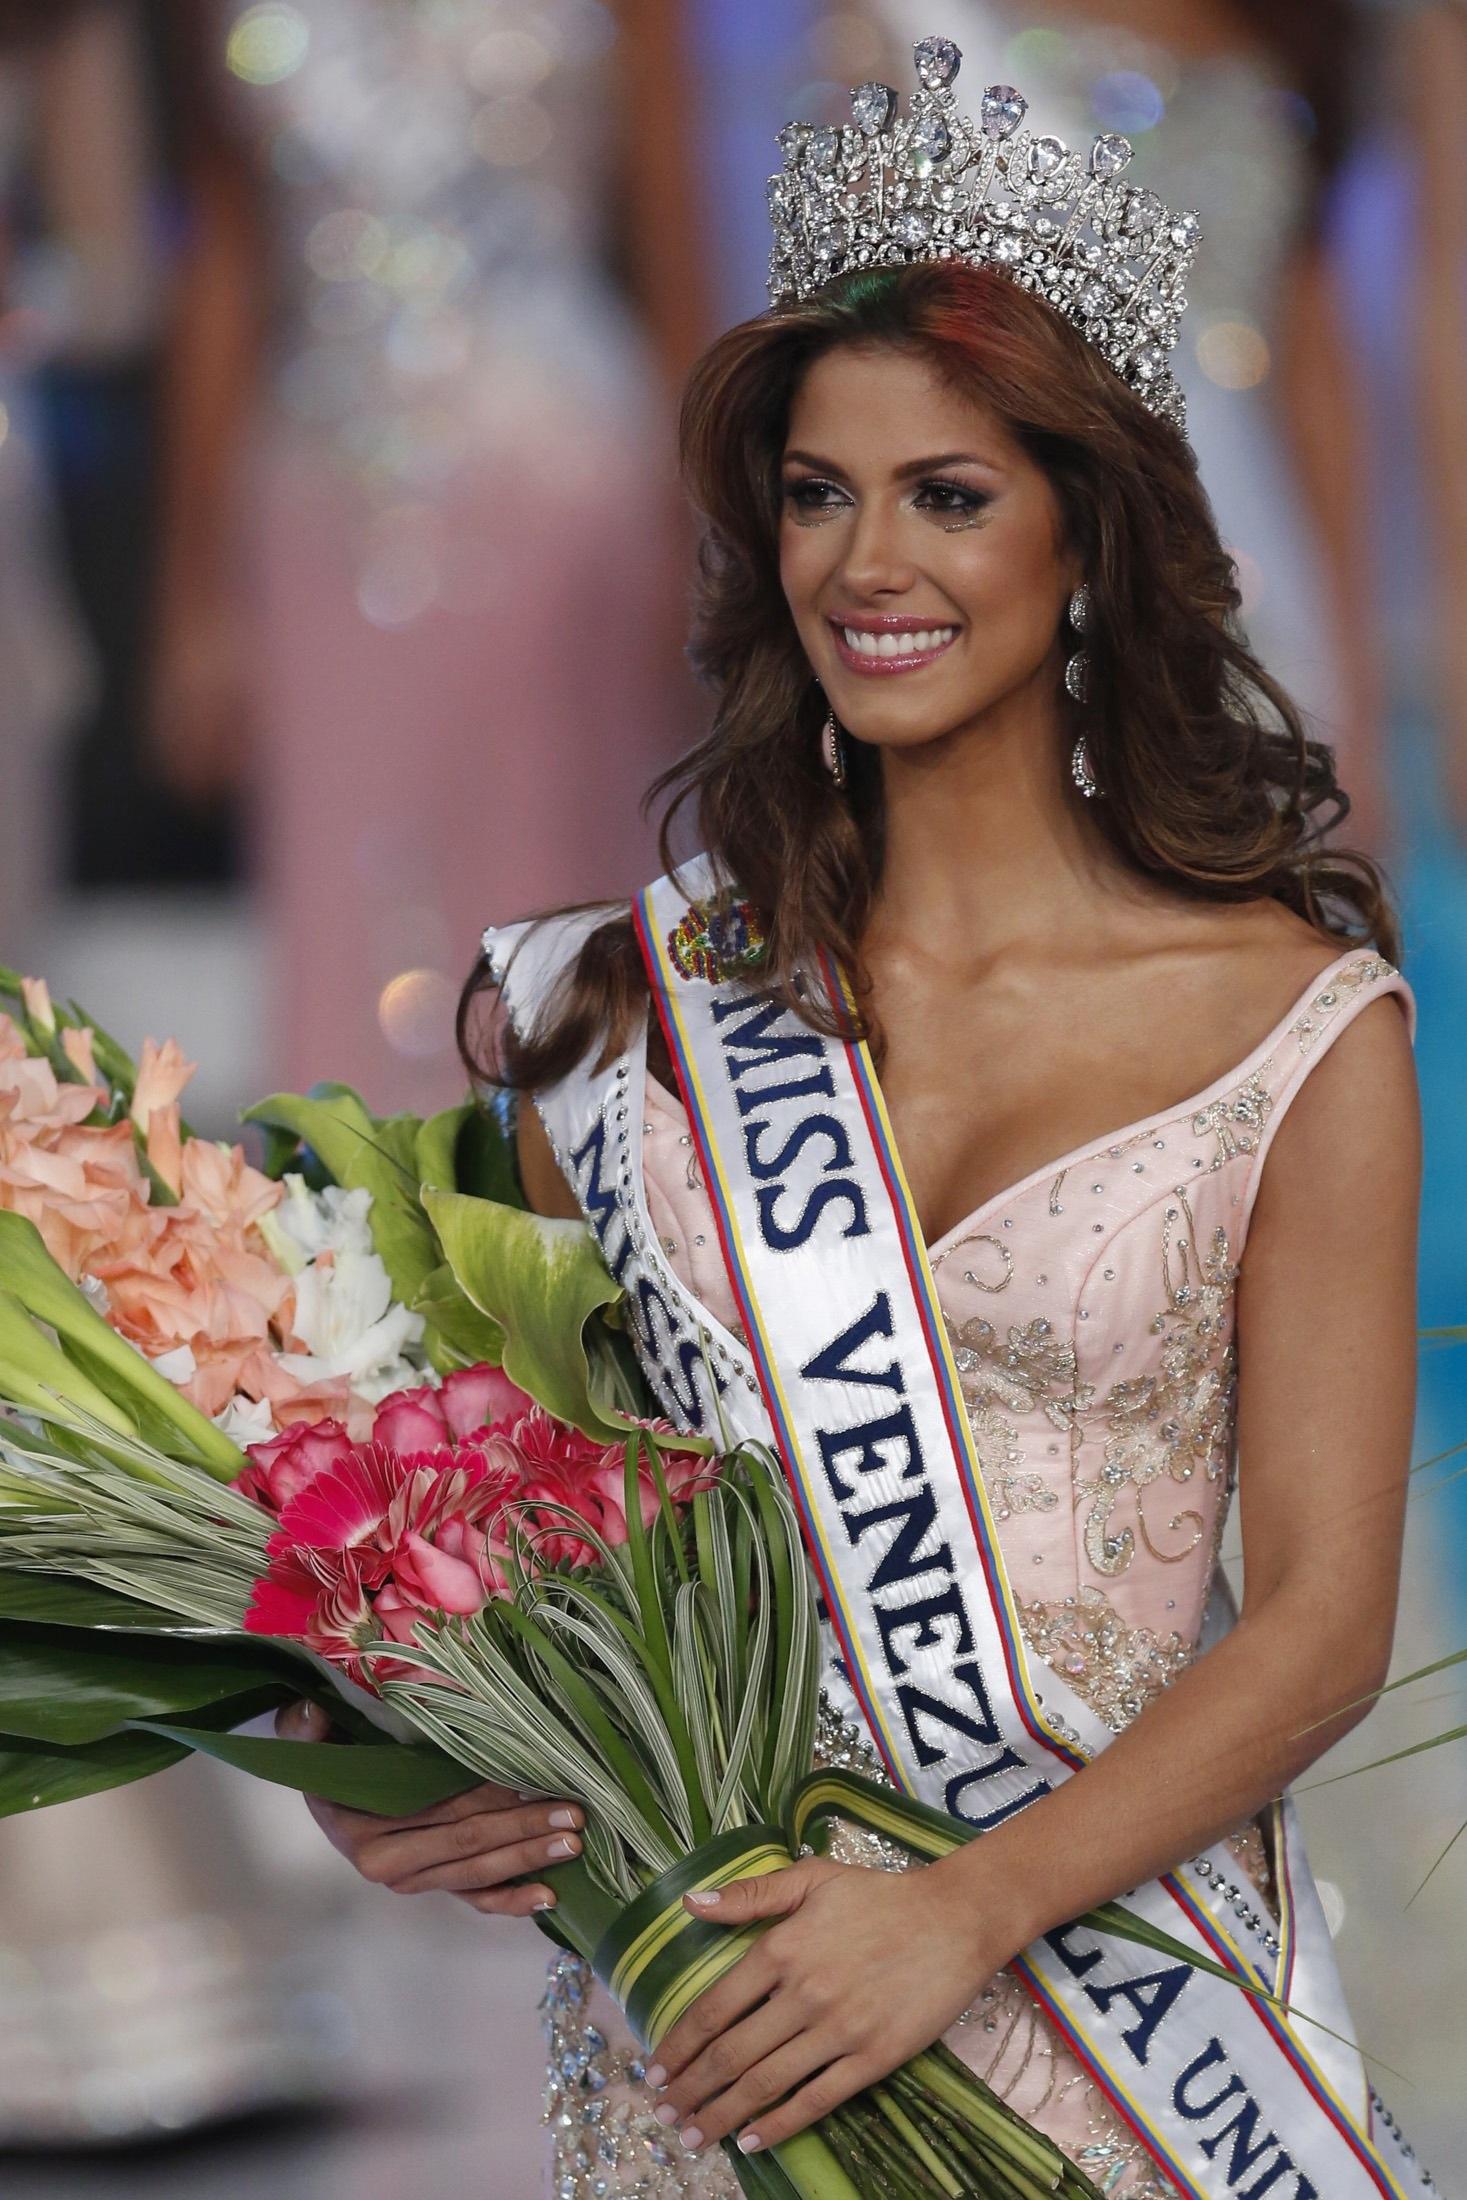 Chúc mừng người đẹp Mariana Jimenez!